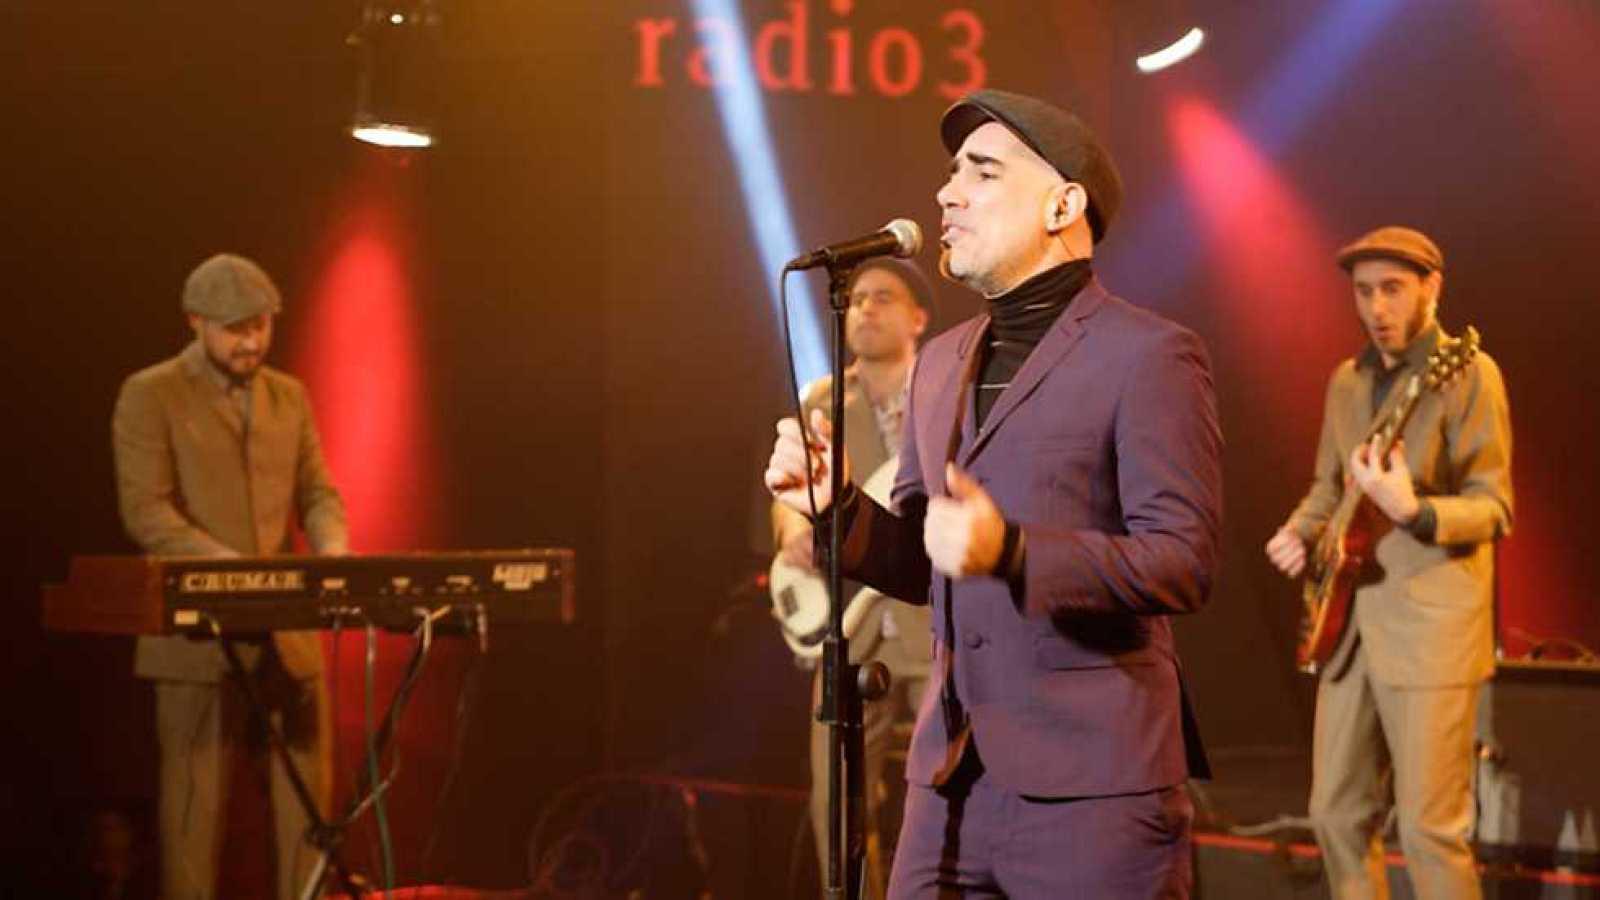 Los conciertos de Radio 3 - Akatz - Ver ahora